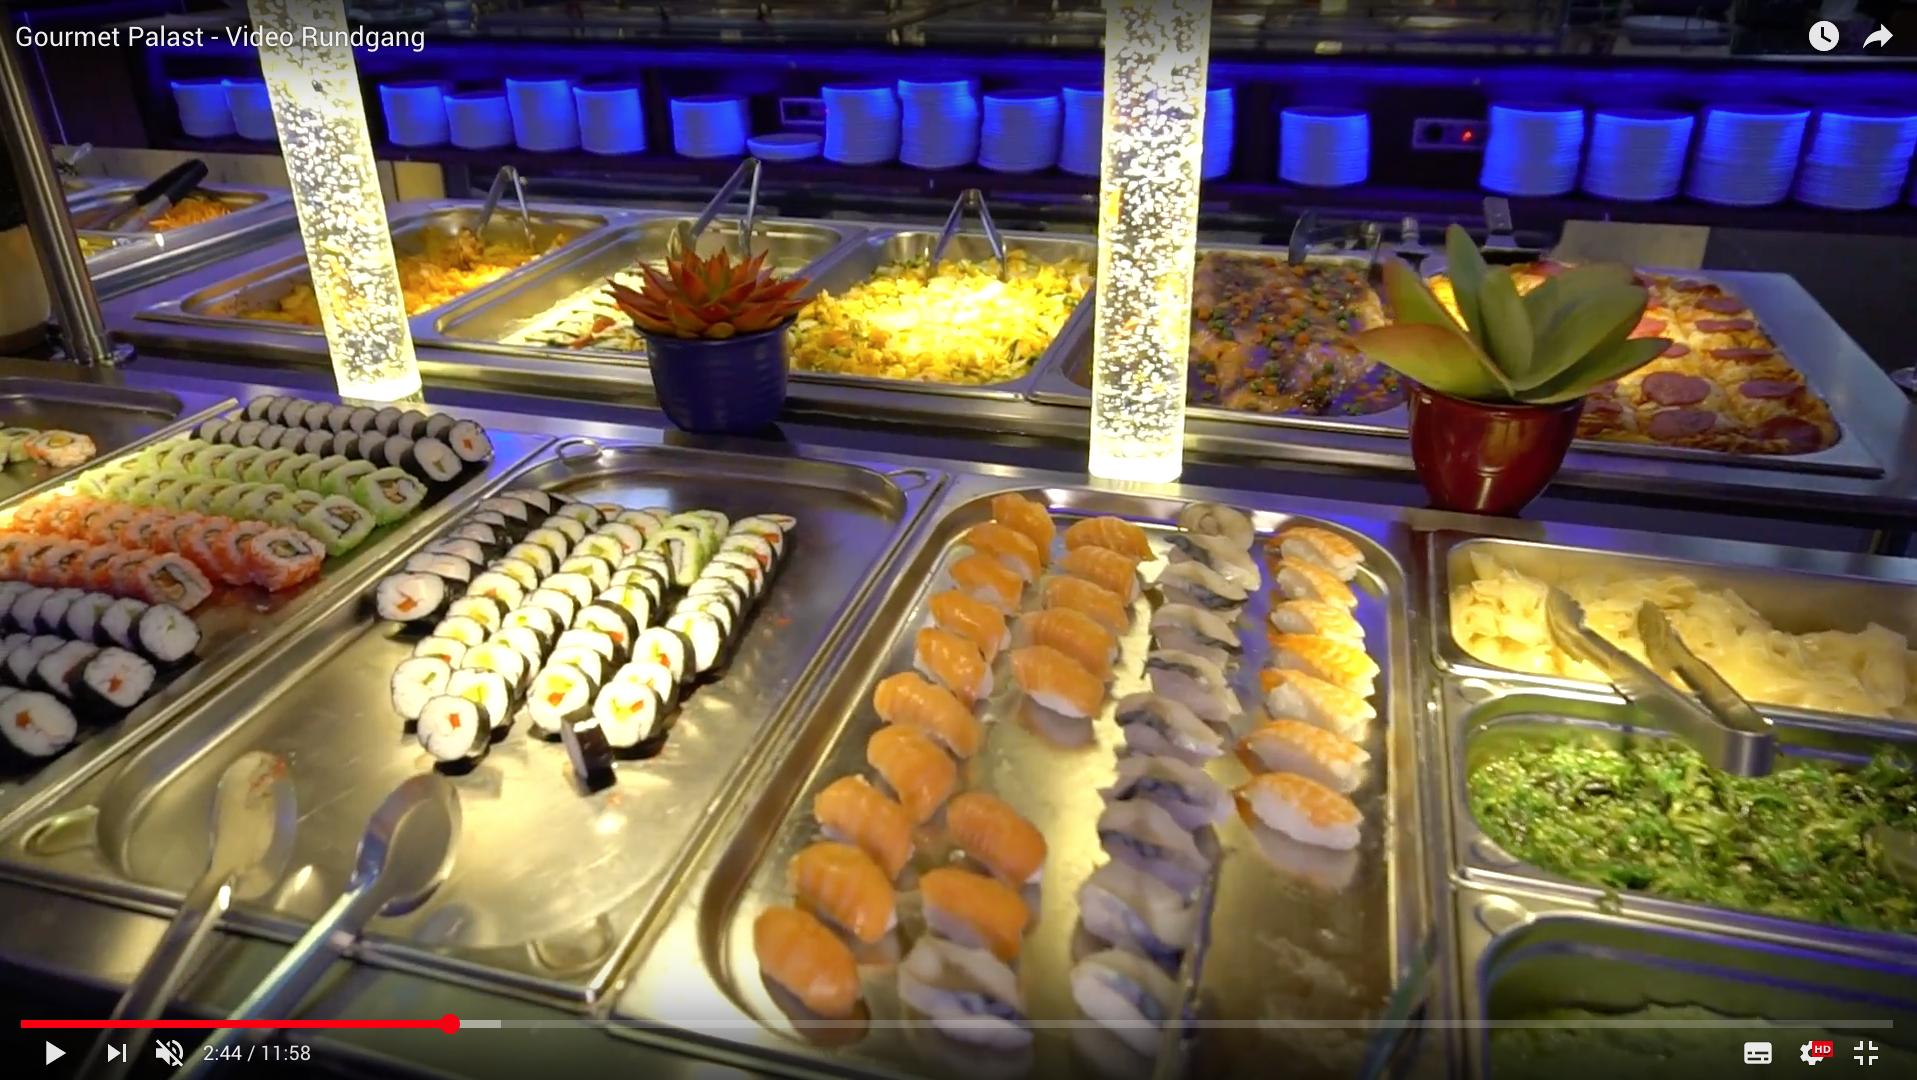 2017 Gourmet Palast - Video Rundgang Buffet _MSM_MEDIEN_SAAR_MOSEL_SAARLAND_FERNSEHEN_1_ED_SAAR